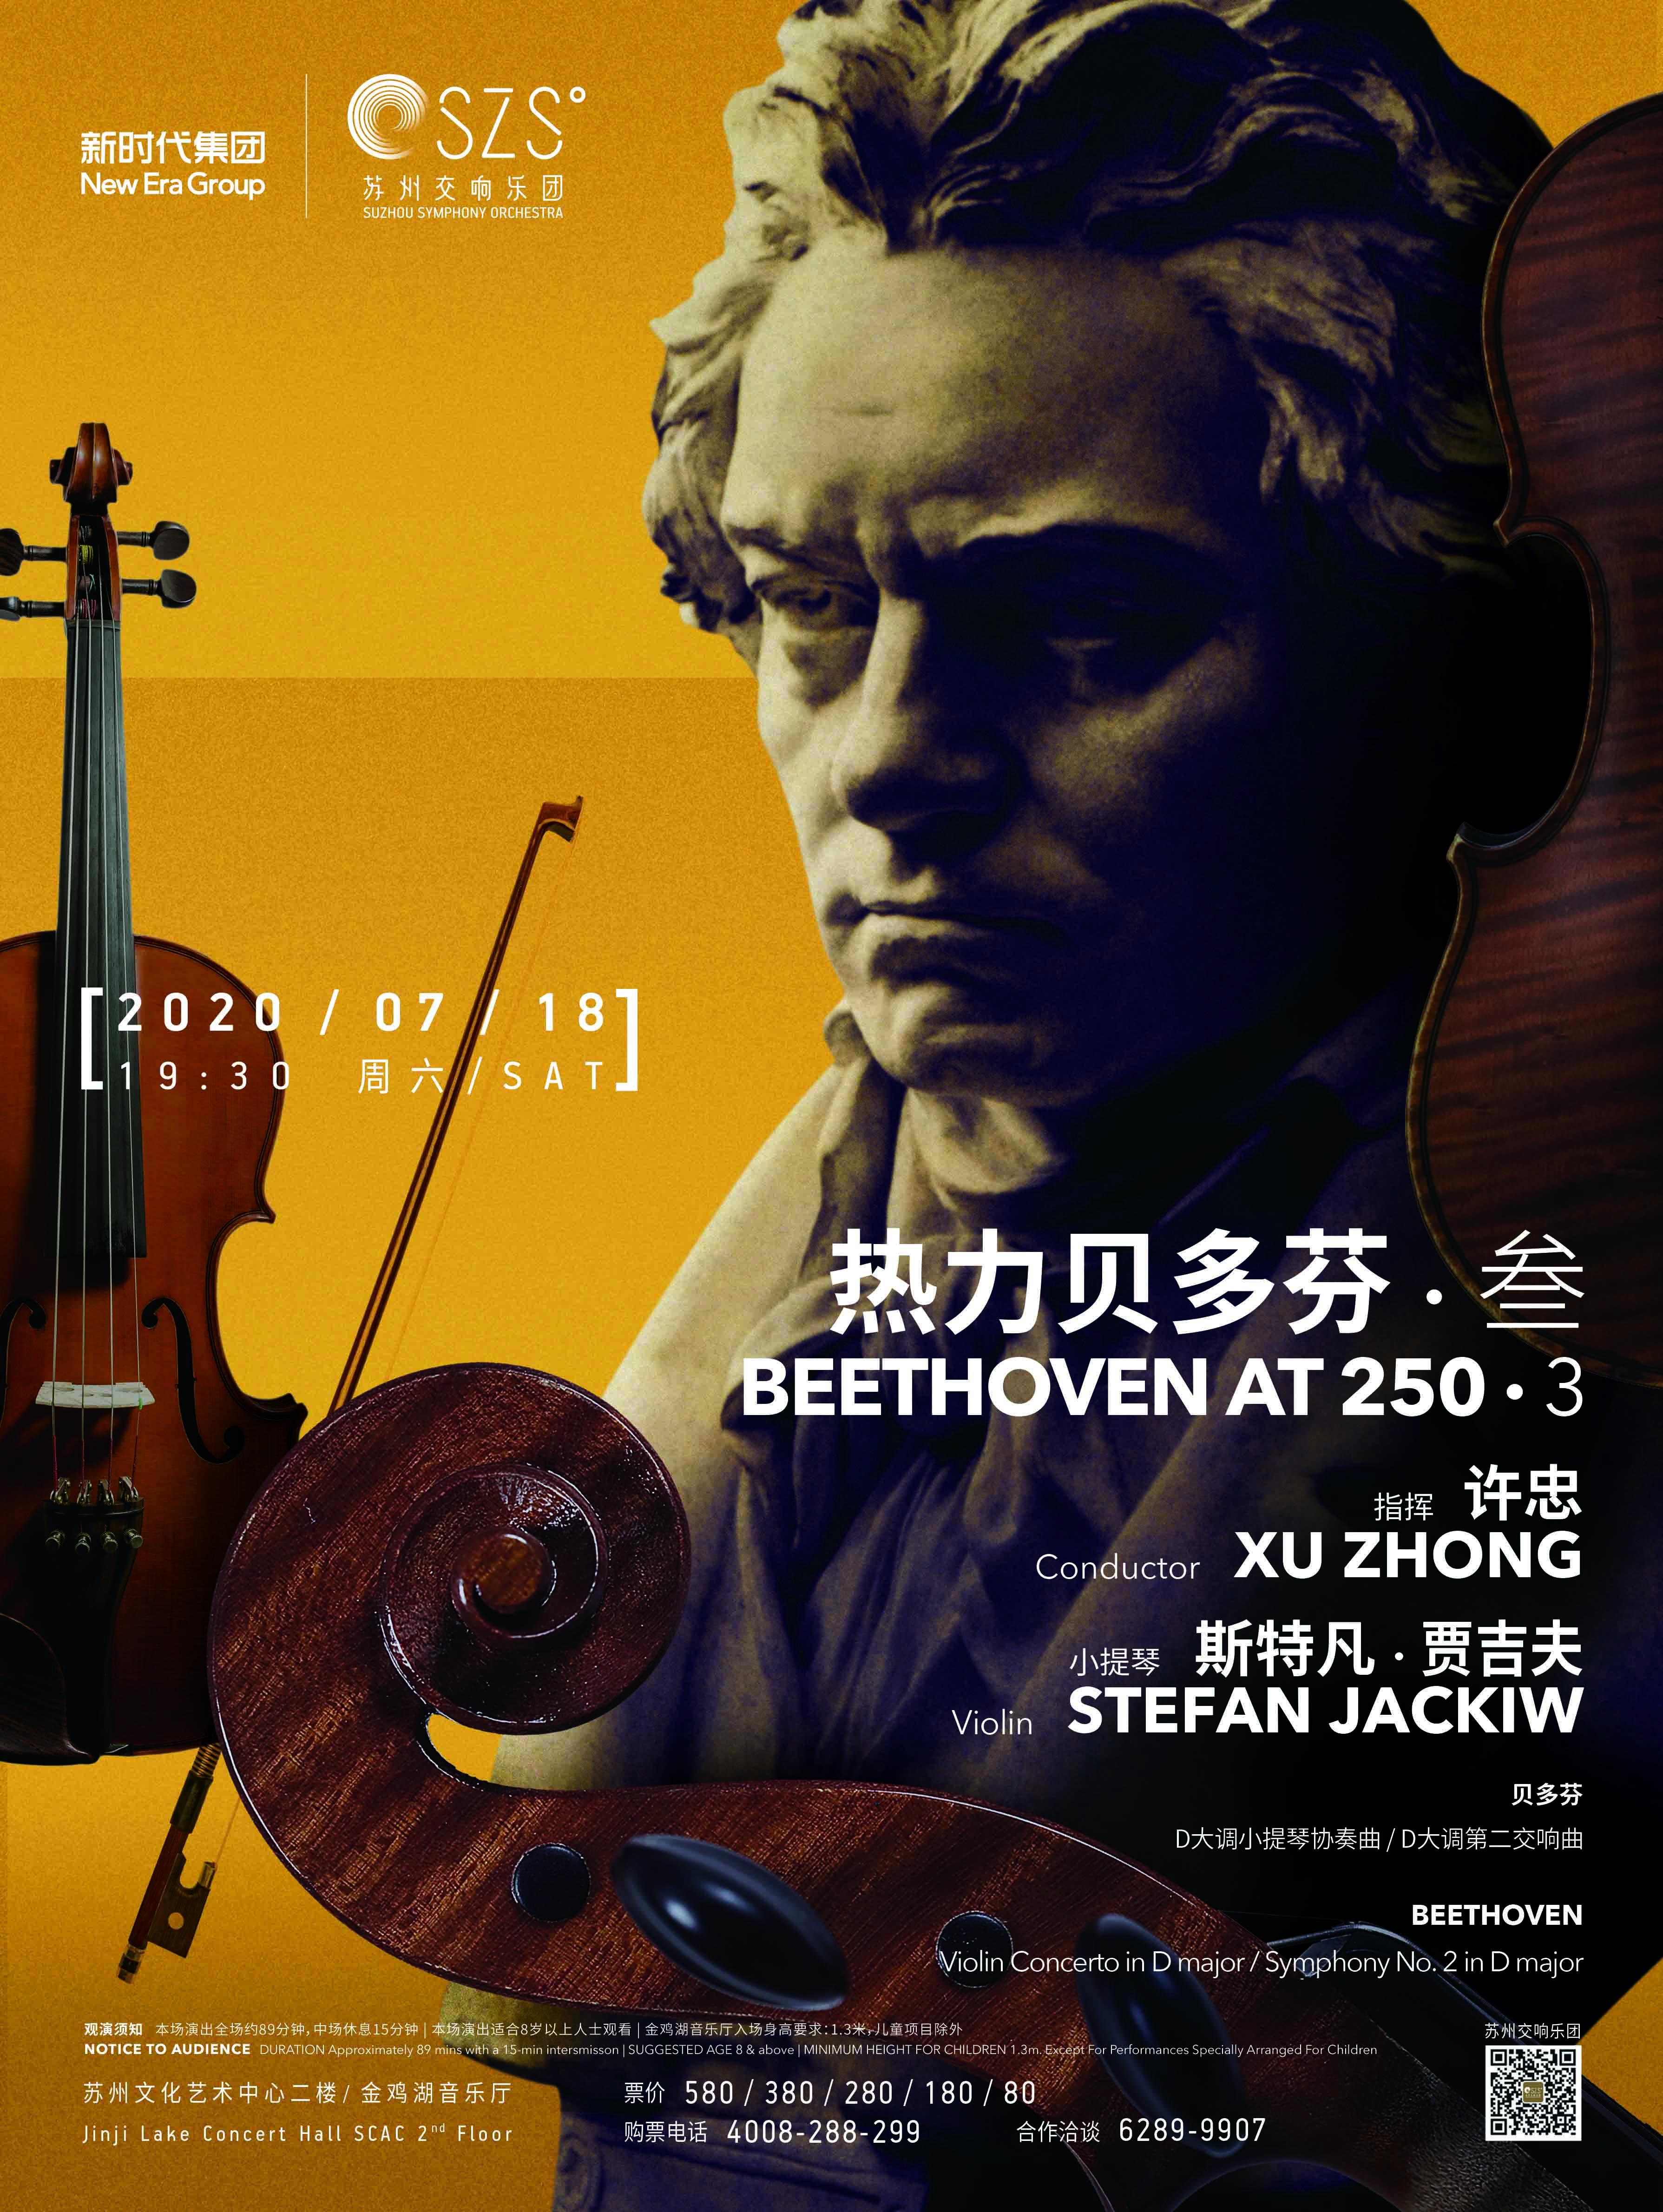 苏州交响乐团2019-20音乐季 热力贝多芬·叁